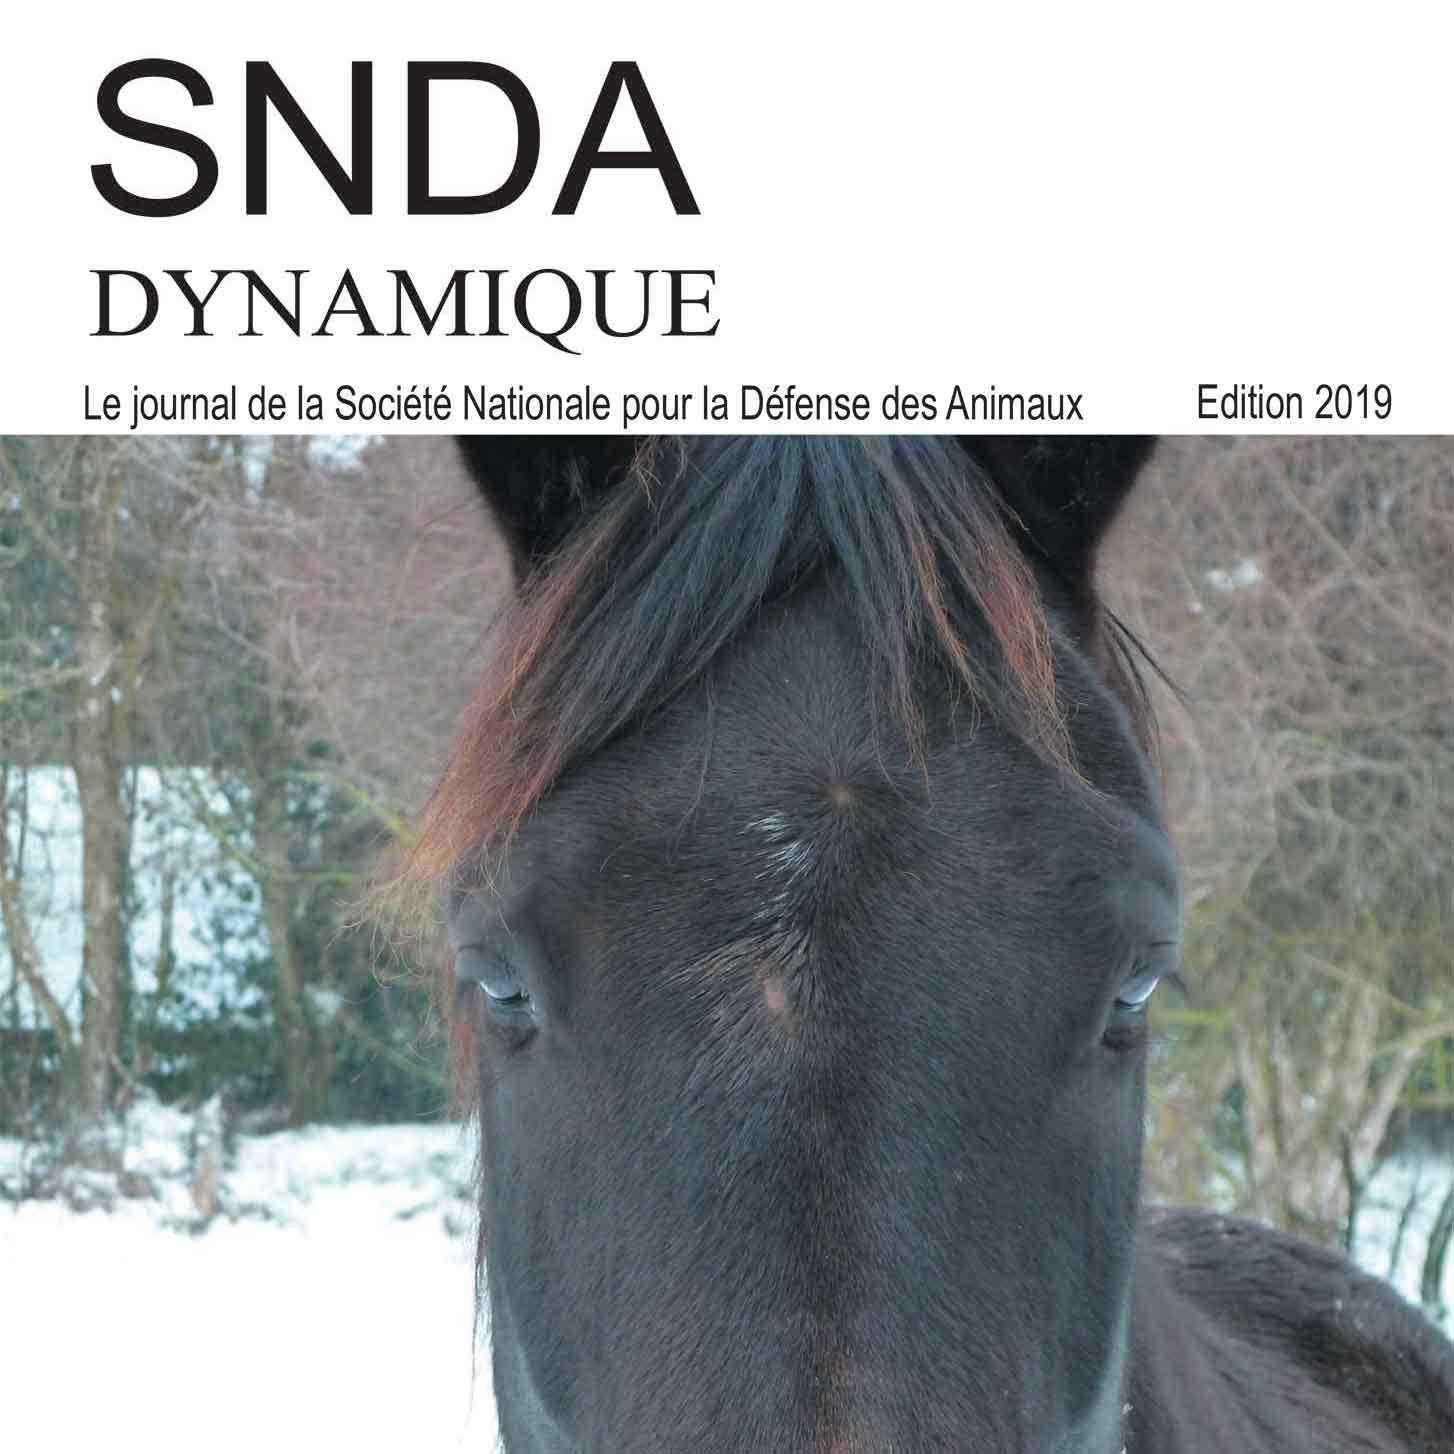 Dynamique 2019, le journal de la SNDA